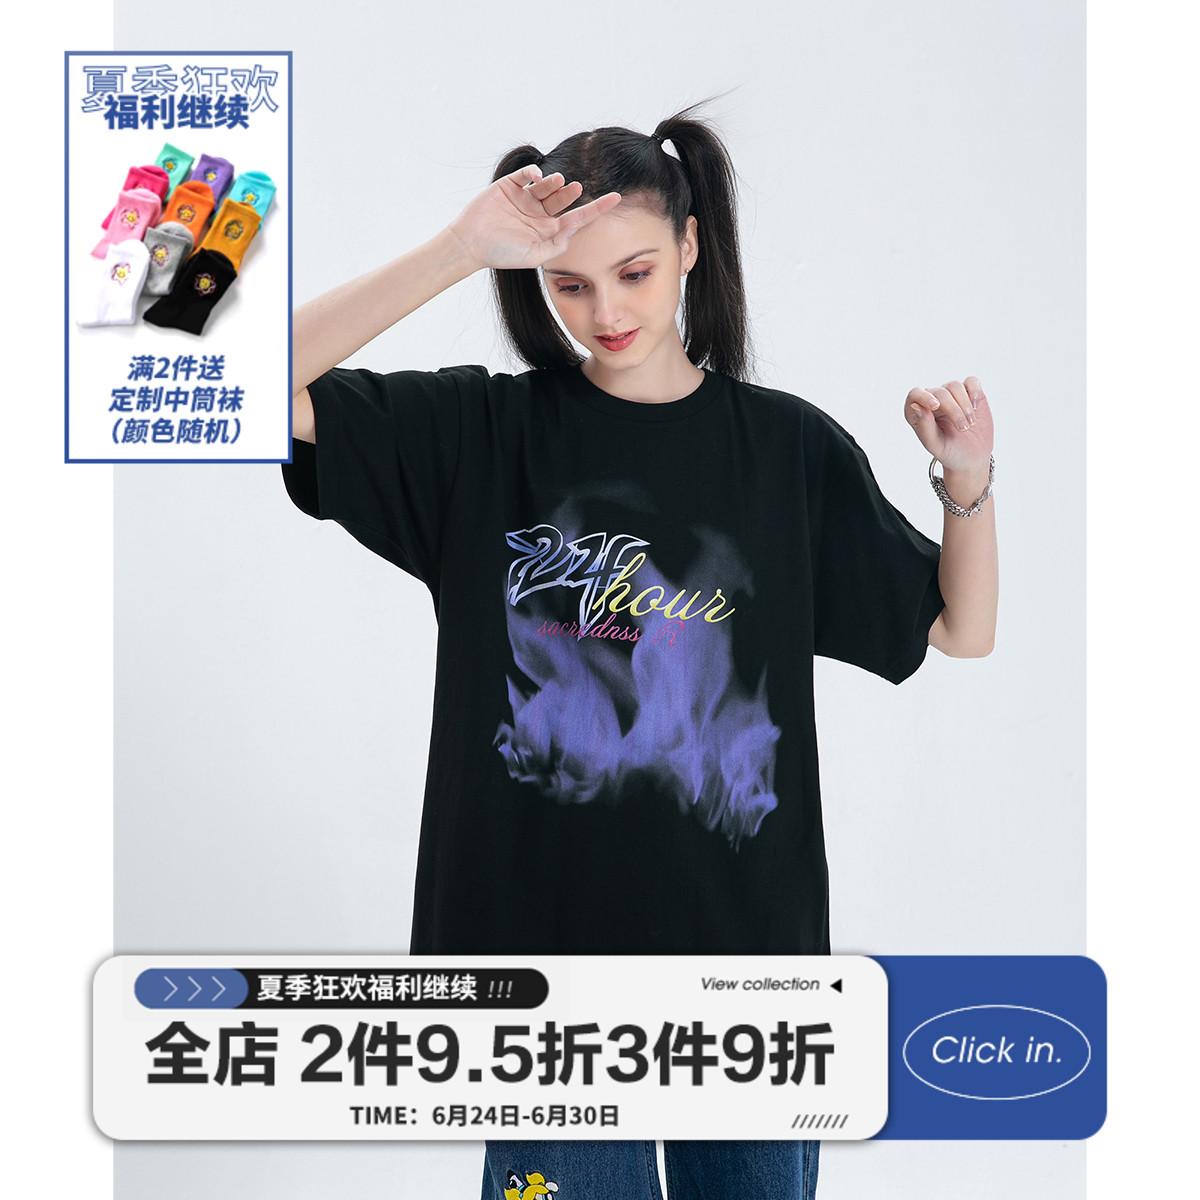 紫色T恤 N2O气体 紫色火焰短袖女黑色潮牌春夏新款宽松情侣ins国潮T恤男_推荐淘宝好看的紫色T恤